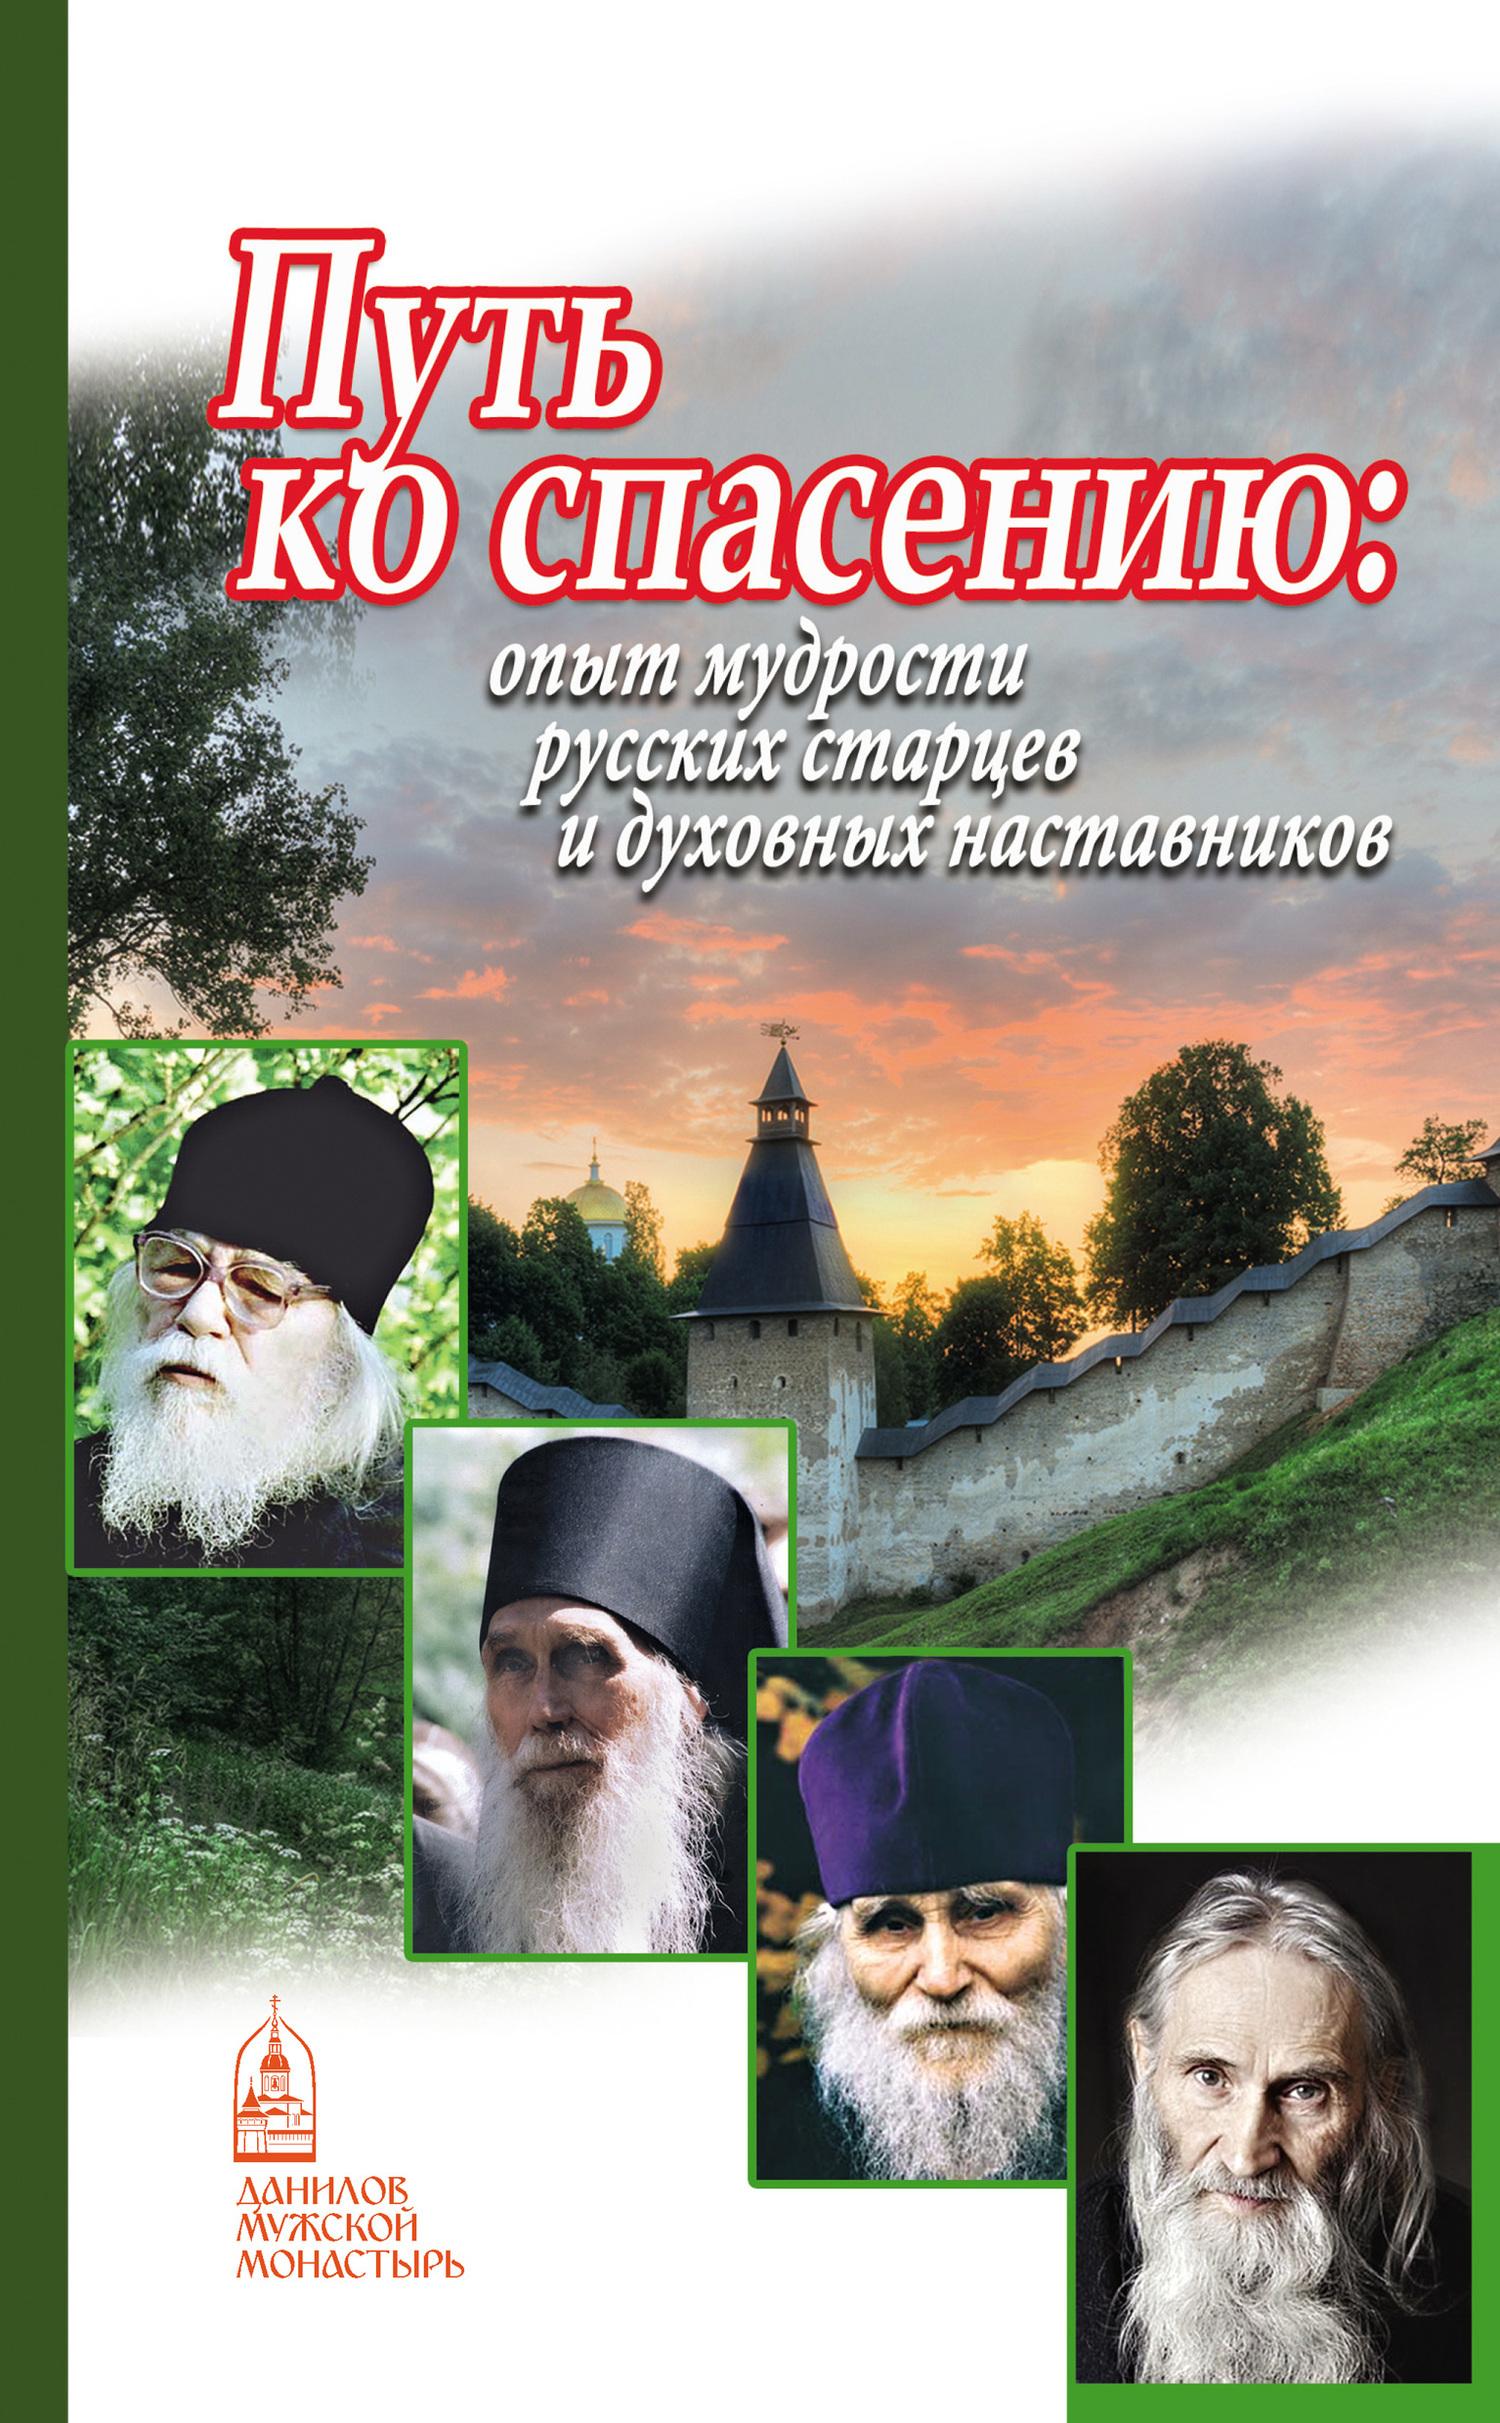 Наталия Шапошникова - Путь ко спасению. Опыт мудрости русских старцев и духовных наставников